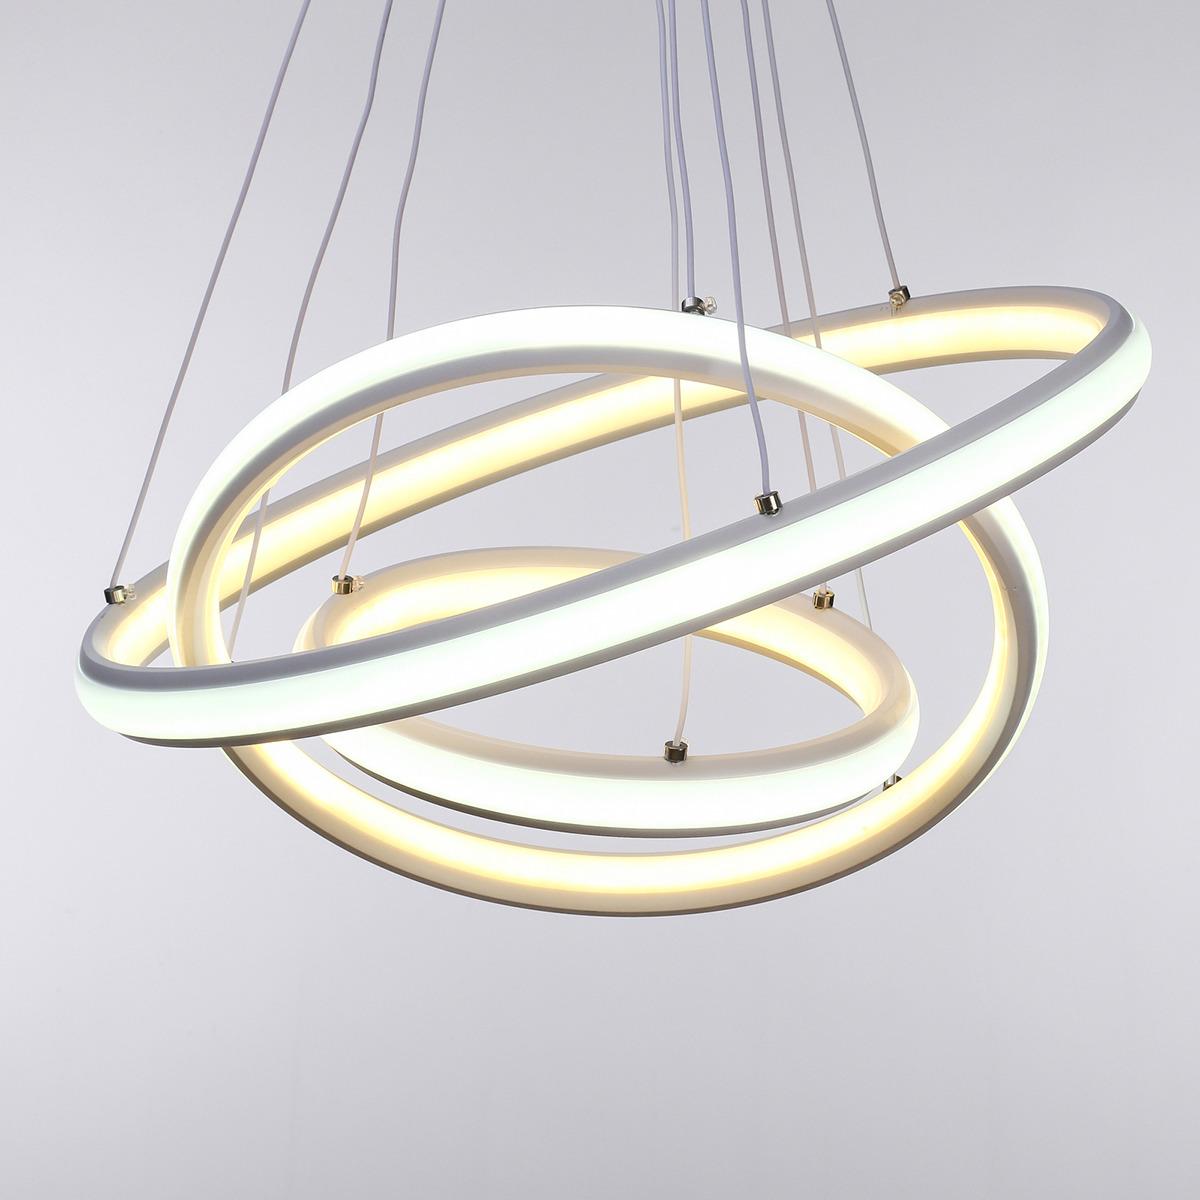 Люстра BayerLux Круги, LED, 100W, 3940816, 45 х 45 х 3,5 см